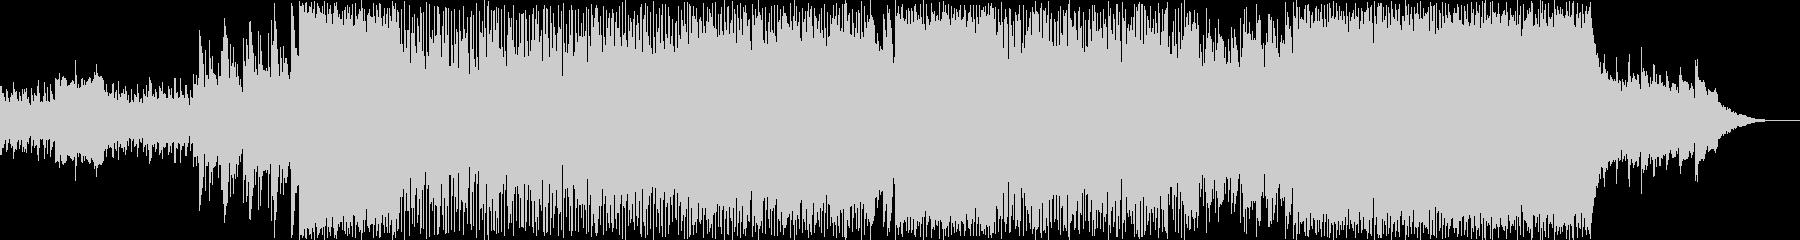 ギターベースのバックグラウンドミュ...の未再生の波形